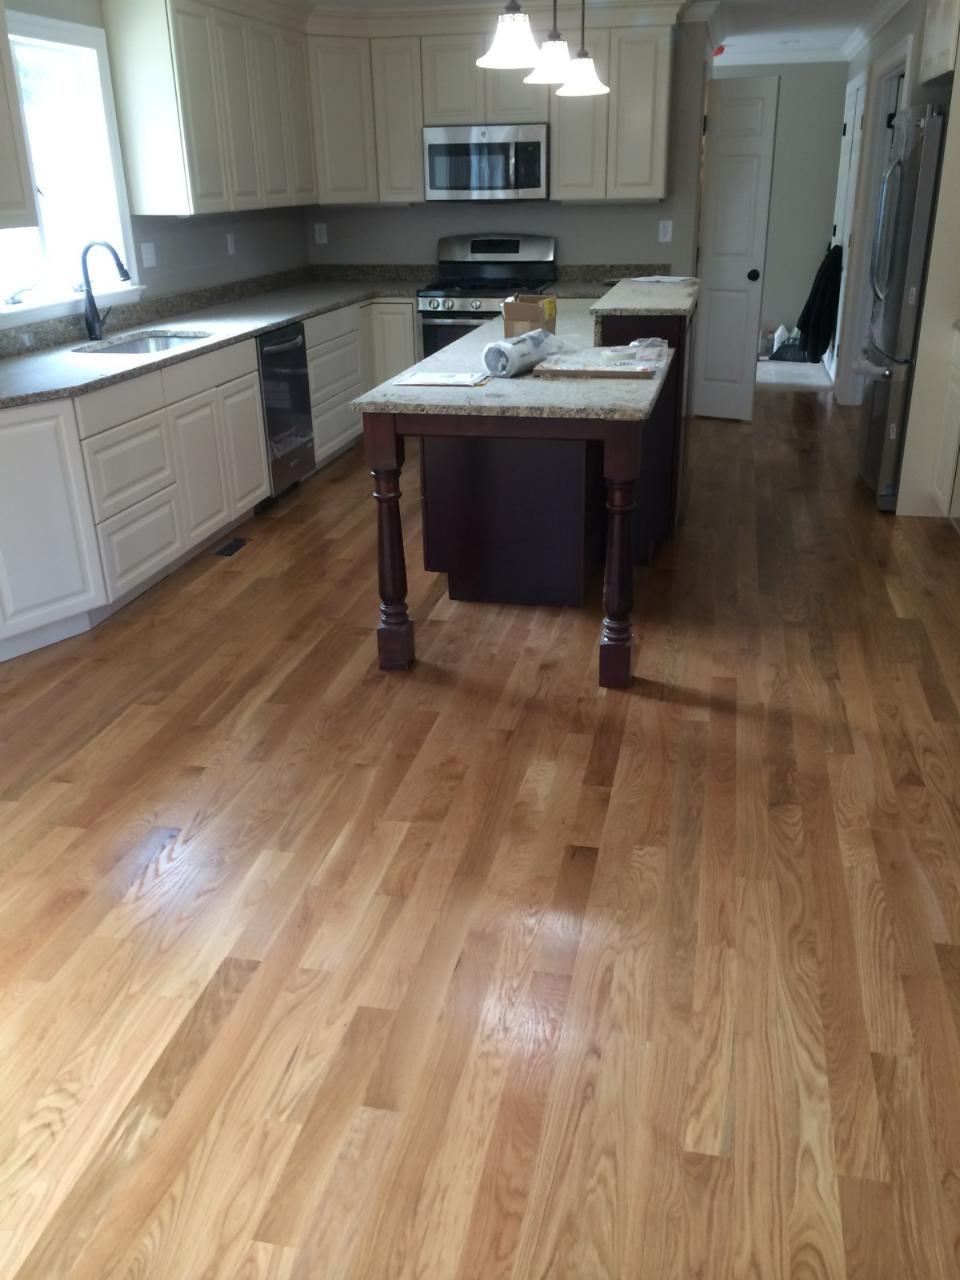 3 1 4 White Oak Hardwood Floors In Harvard Ma White Hardwood Floors White Oak Hardwood Floors Engineered Wood Floors